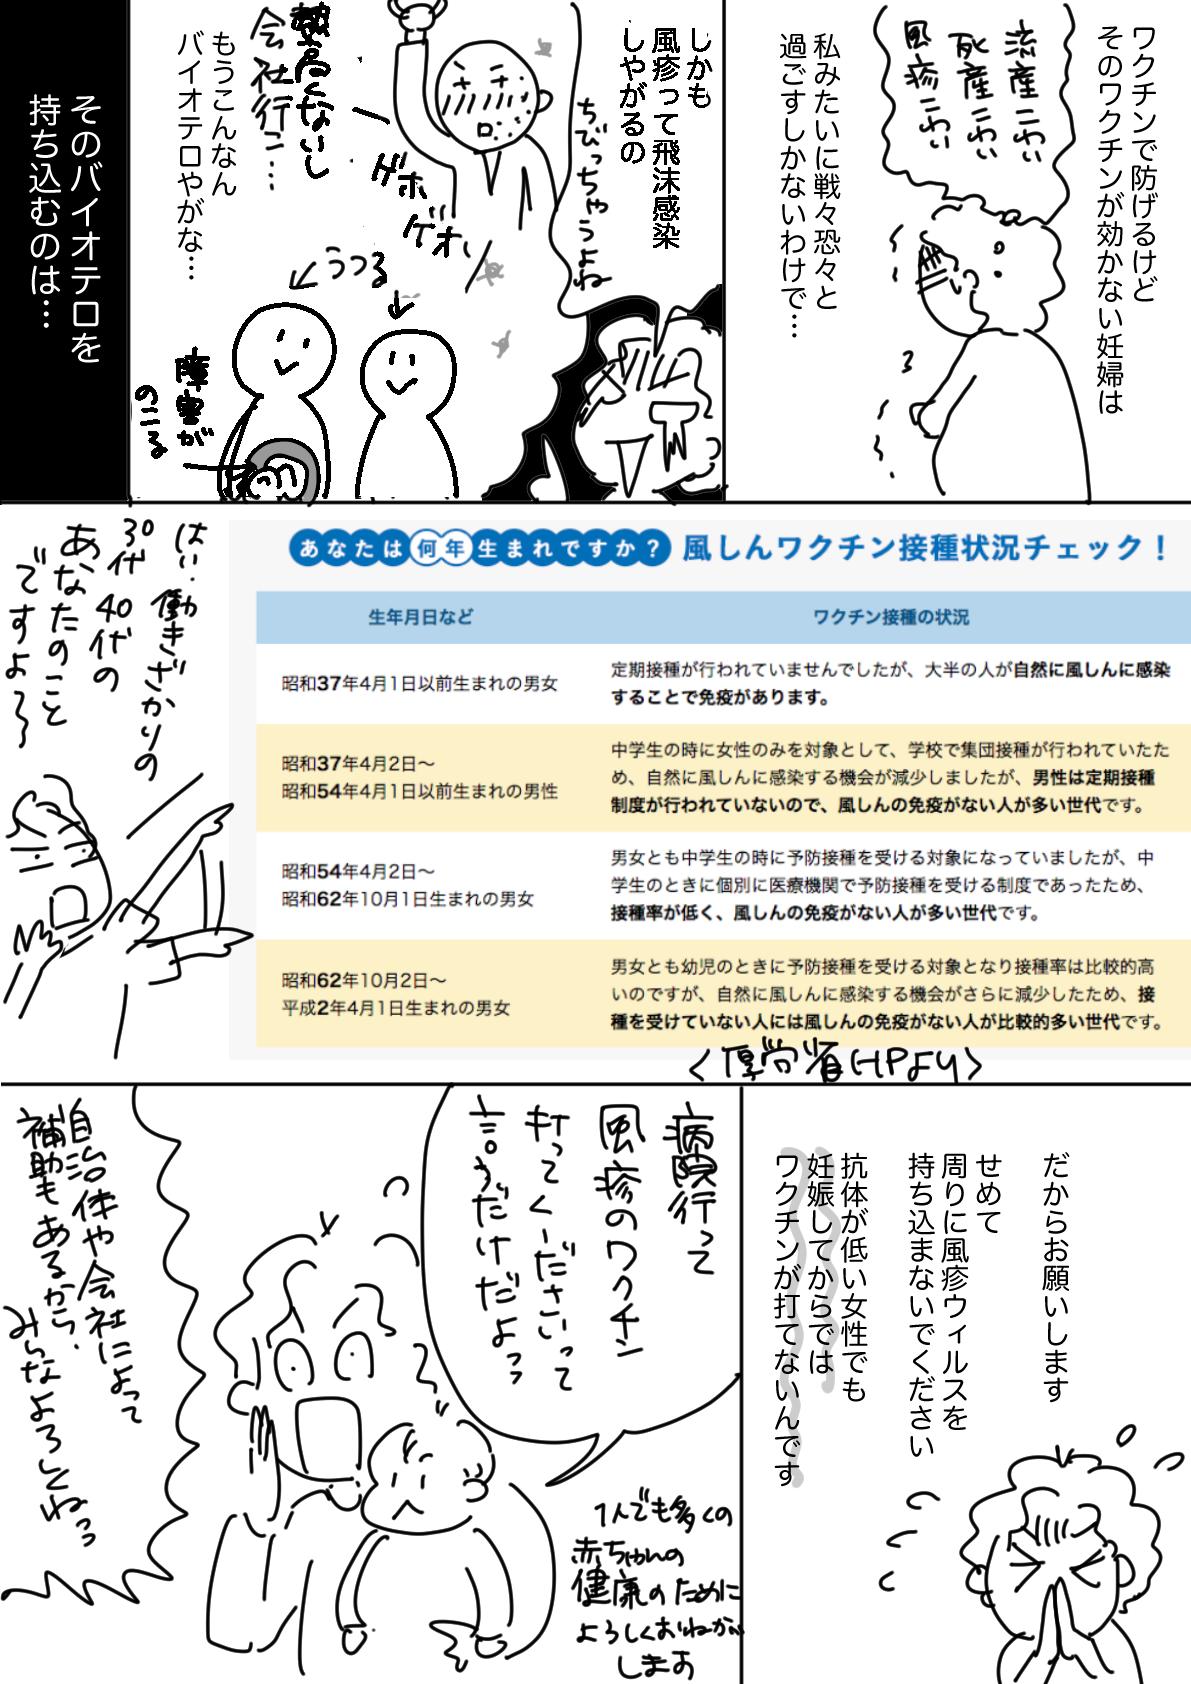 風疹_003